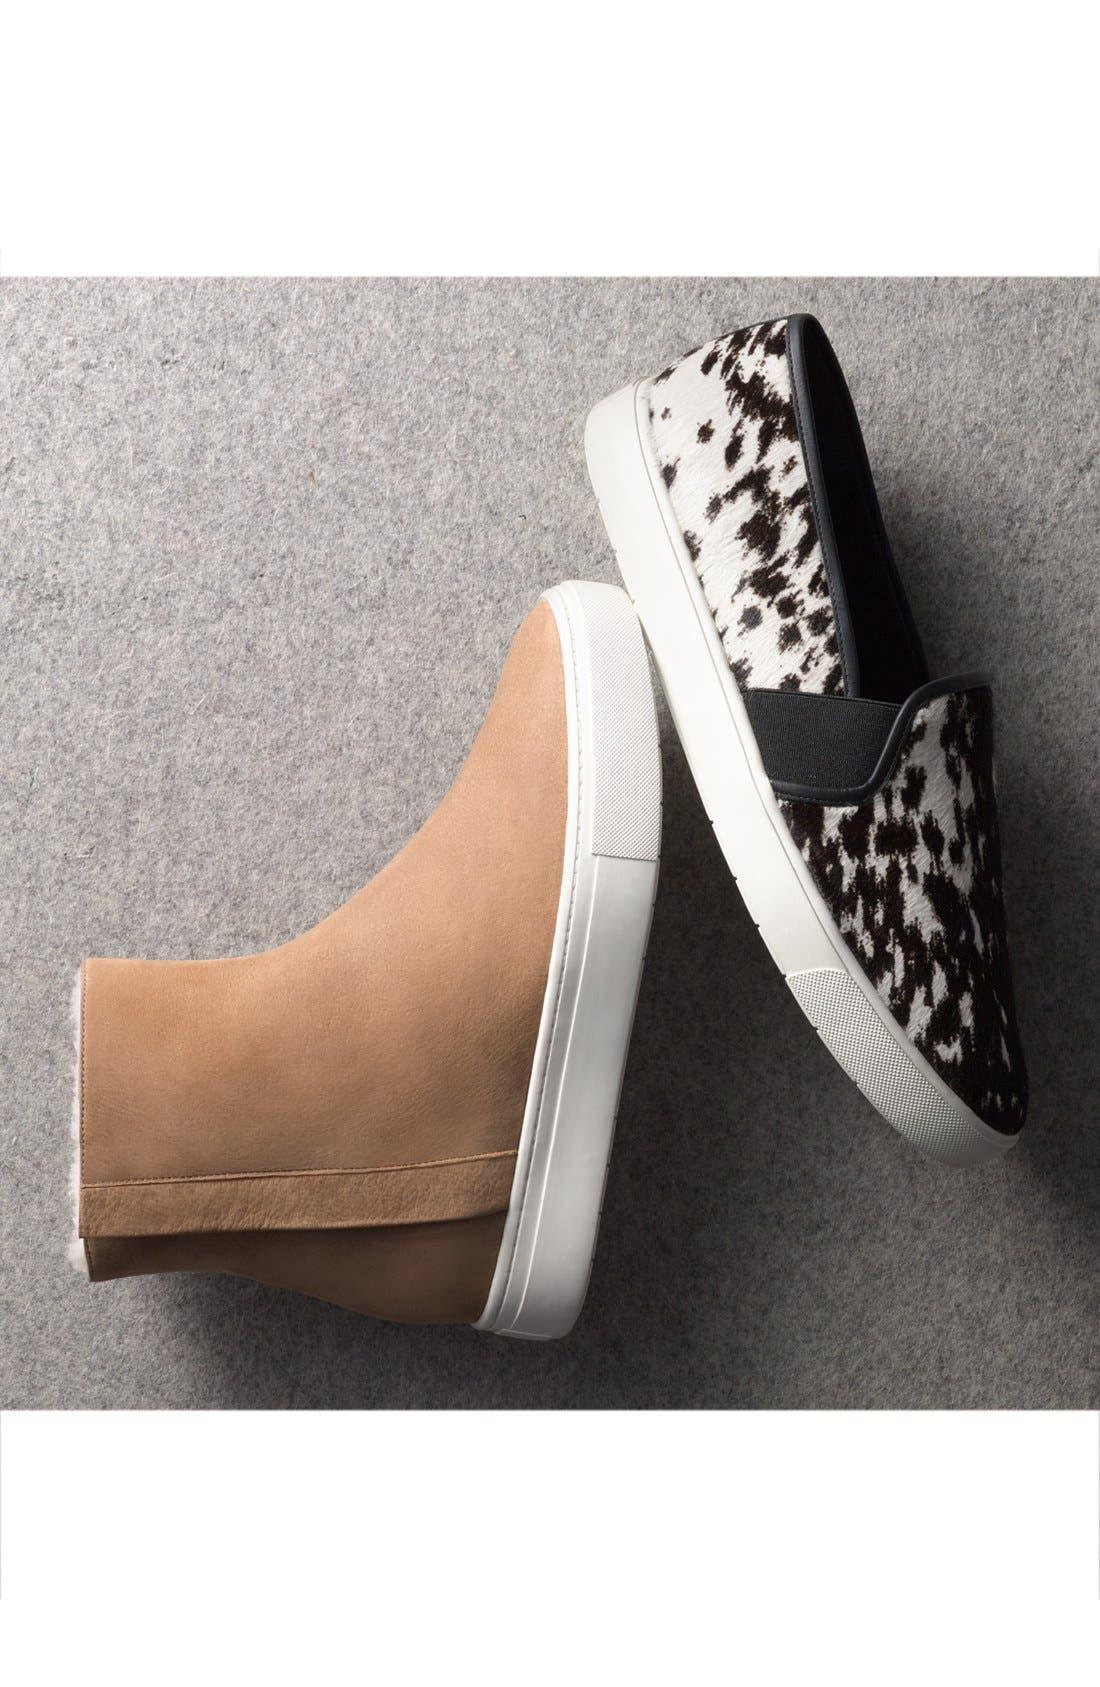 Blair 5 Slip-On Sneaker,                             Alternate thumbnail 7, color,                             SENEGAL SNAKE PRINT